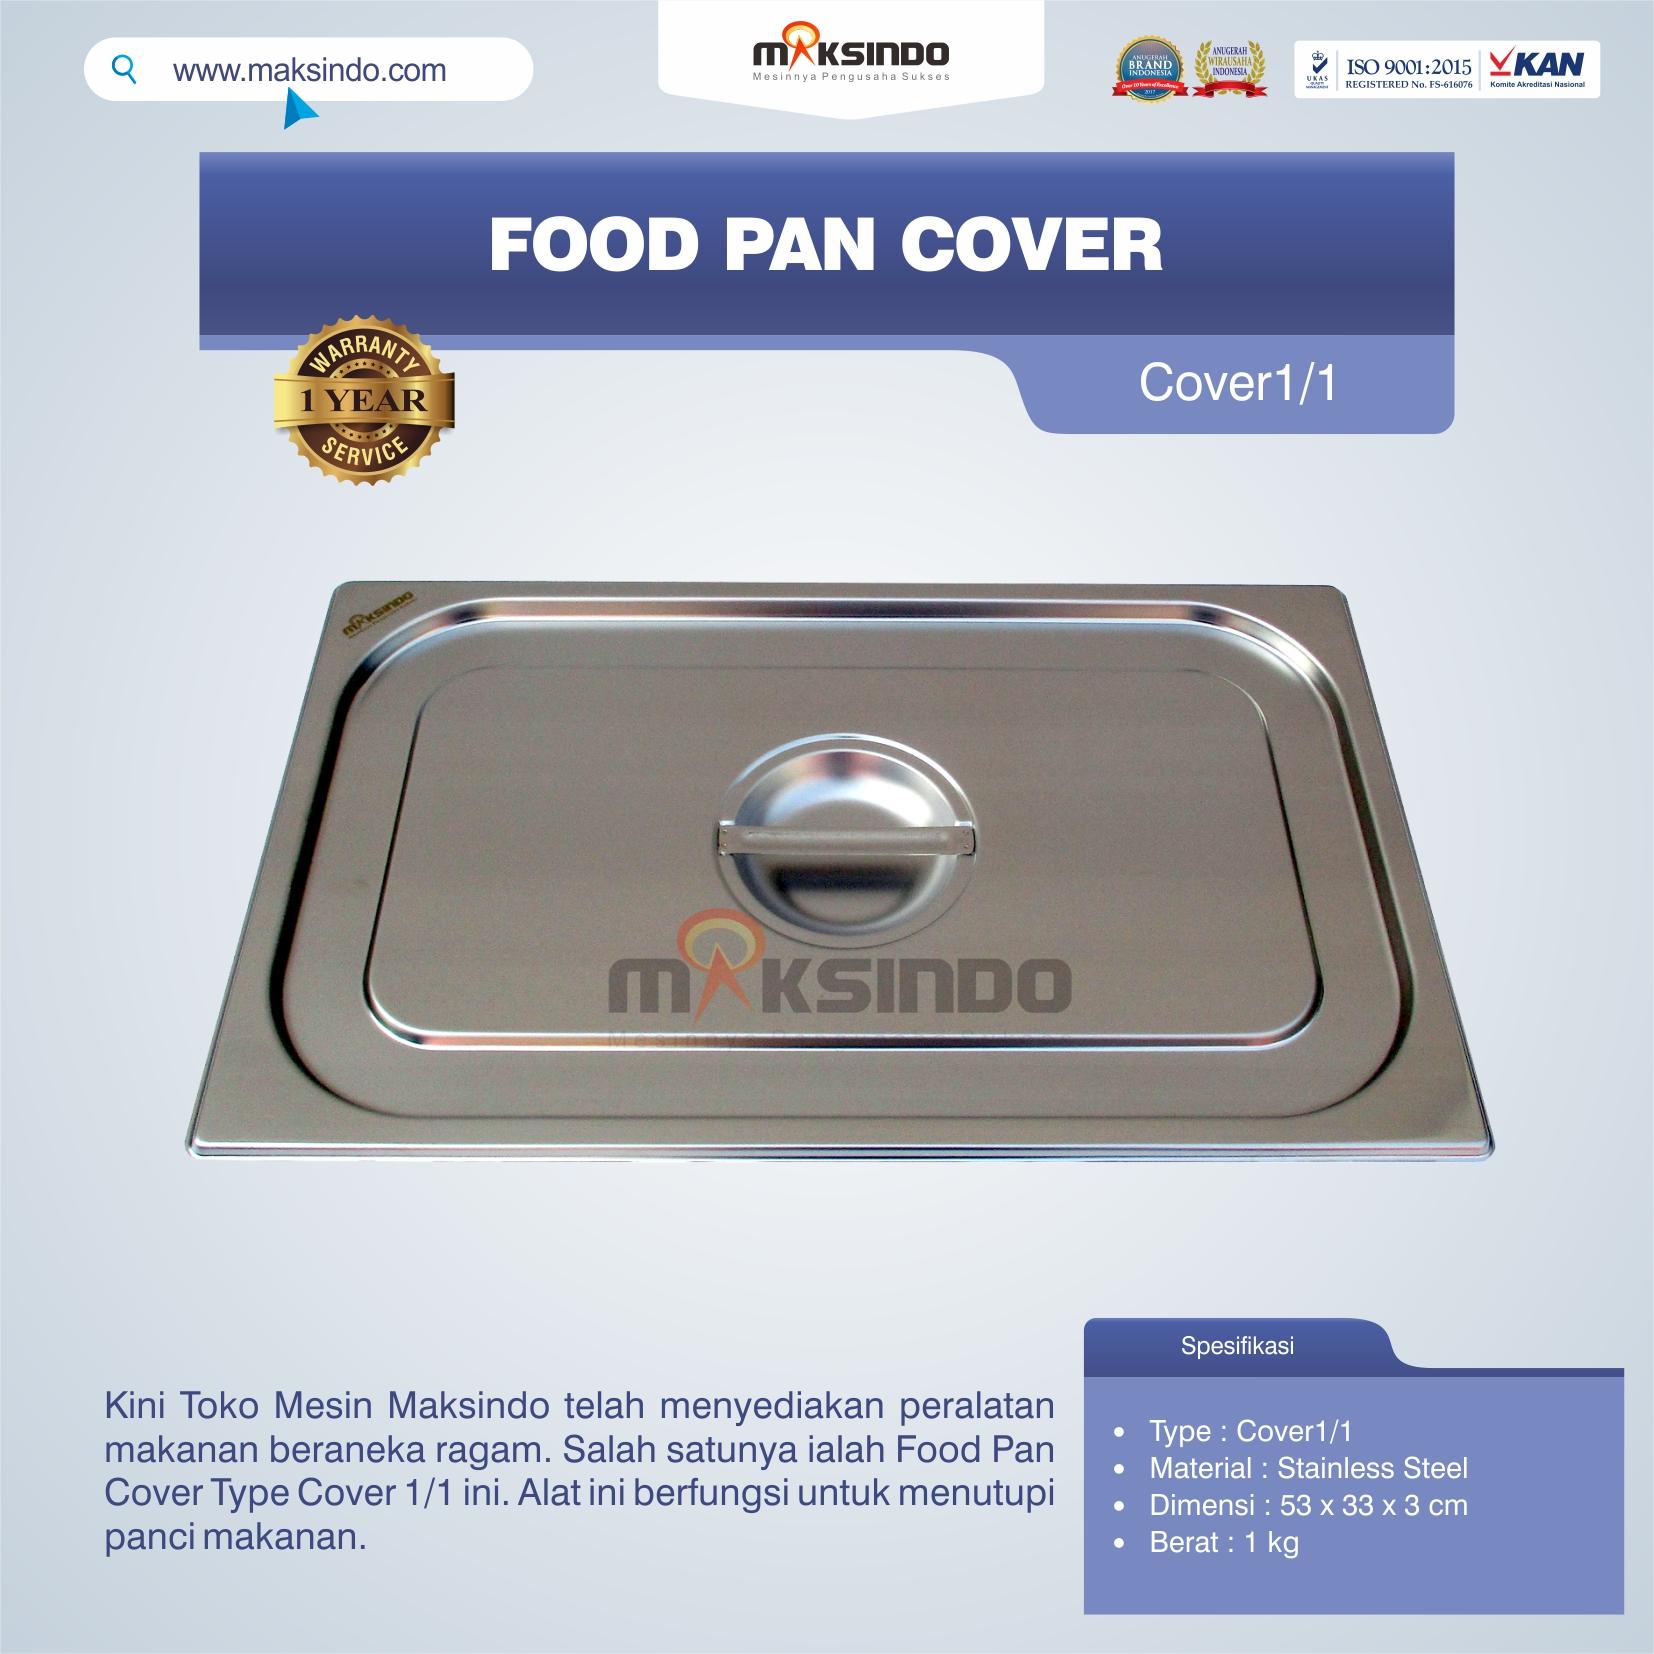 Jual Food Pan Cover Type Cover1/1 di Palembang